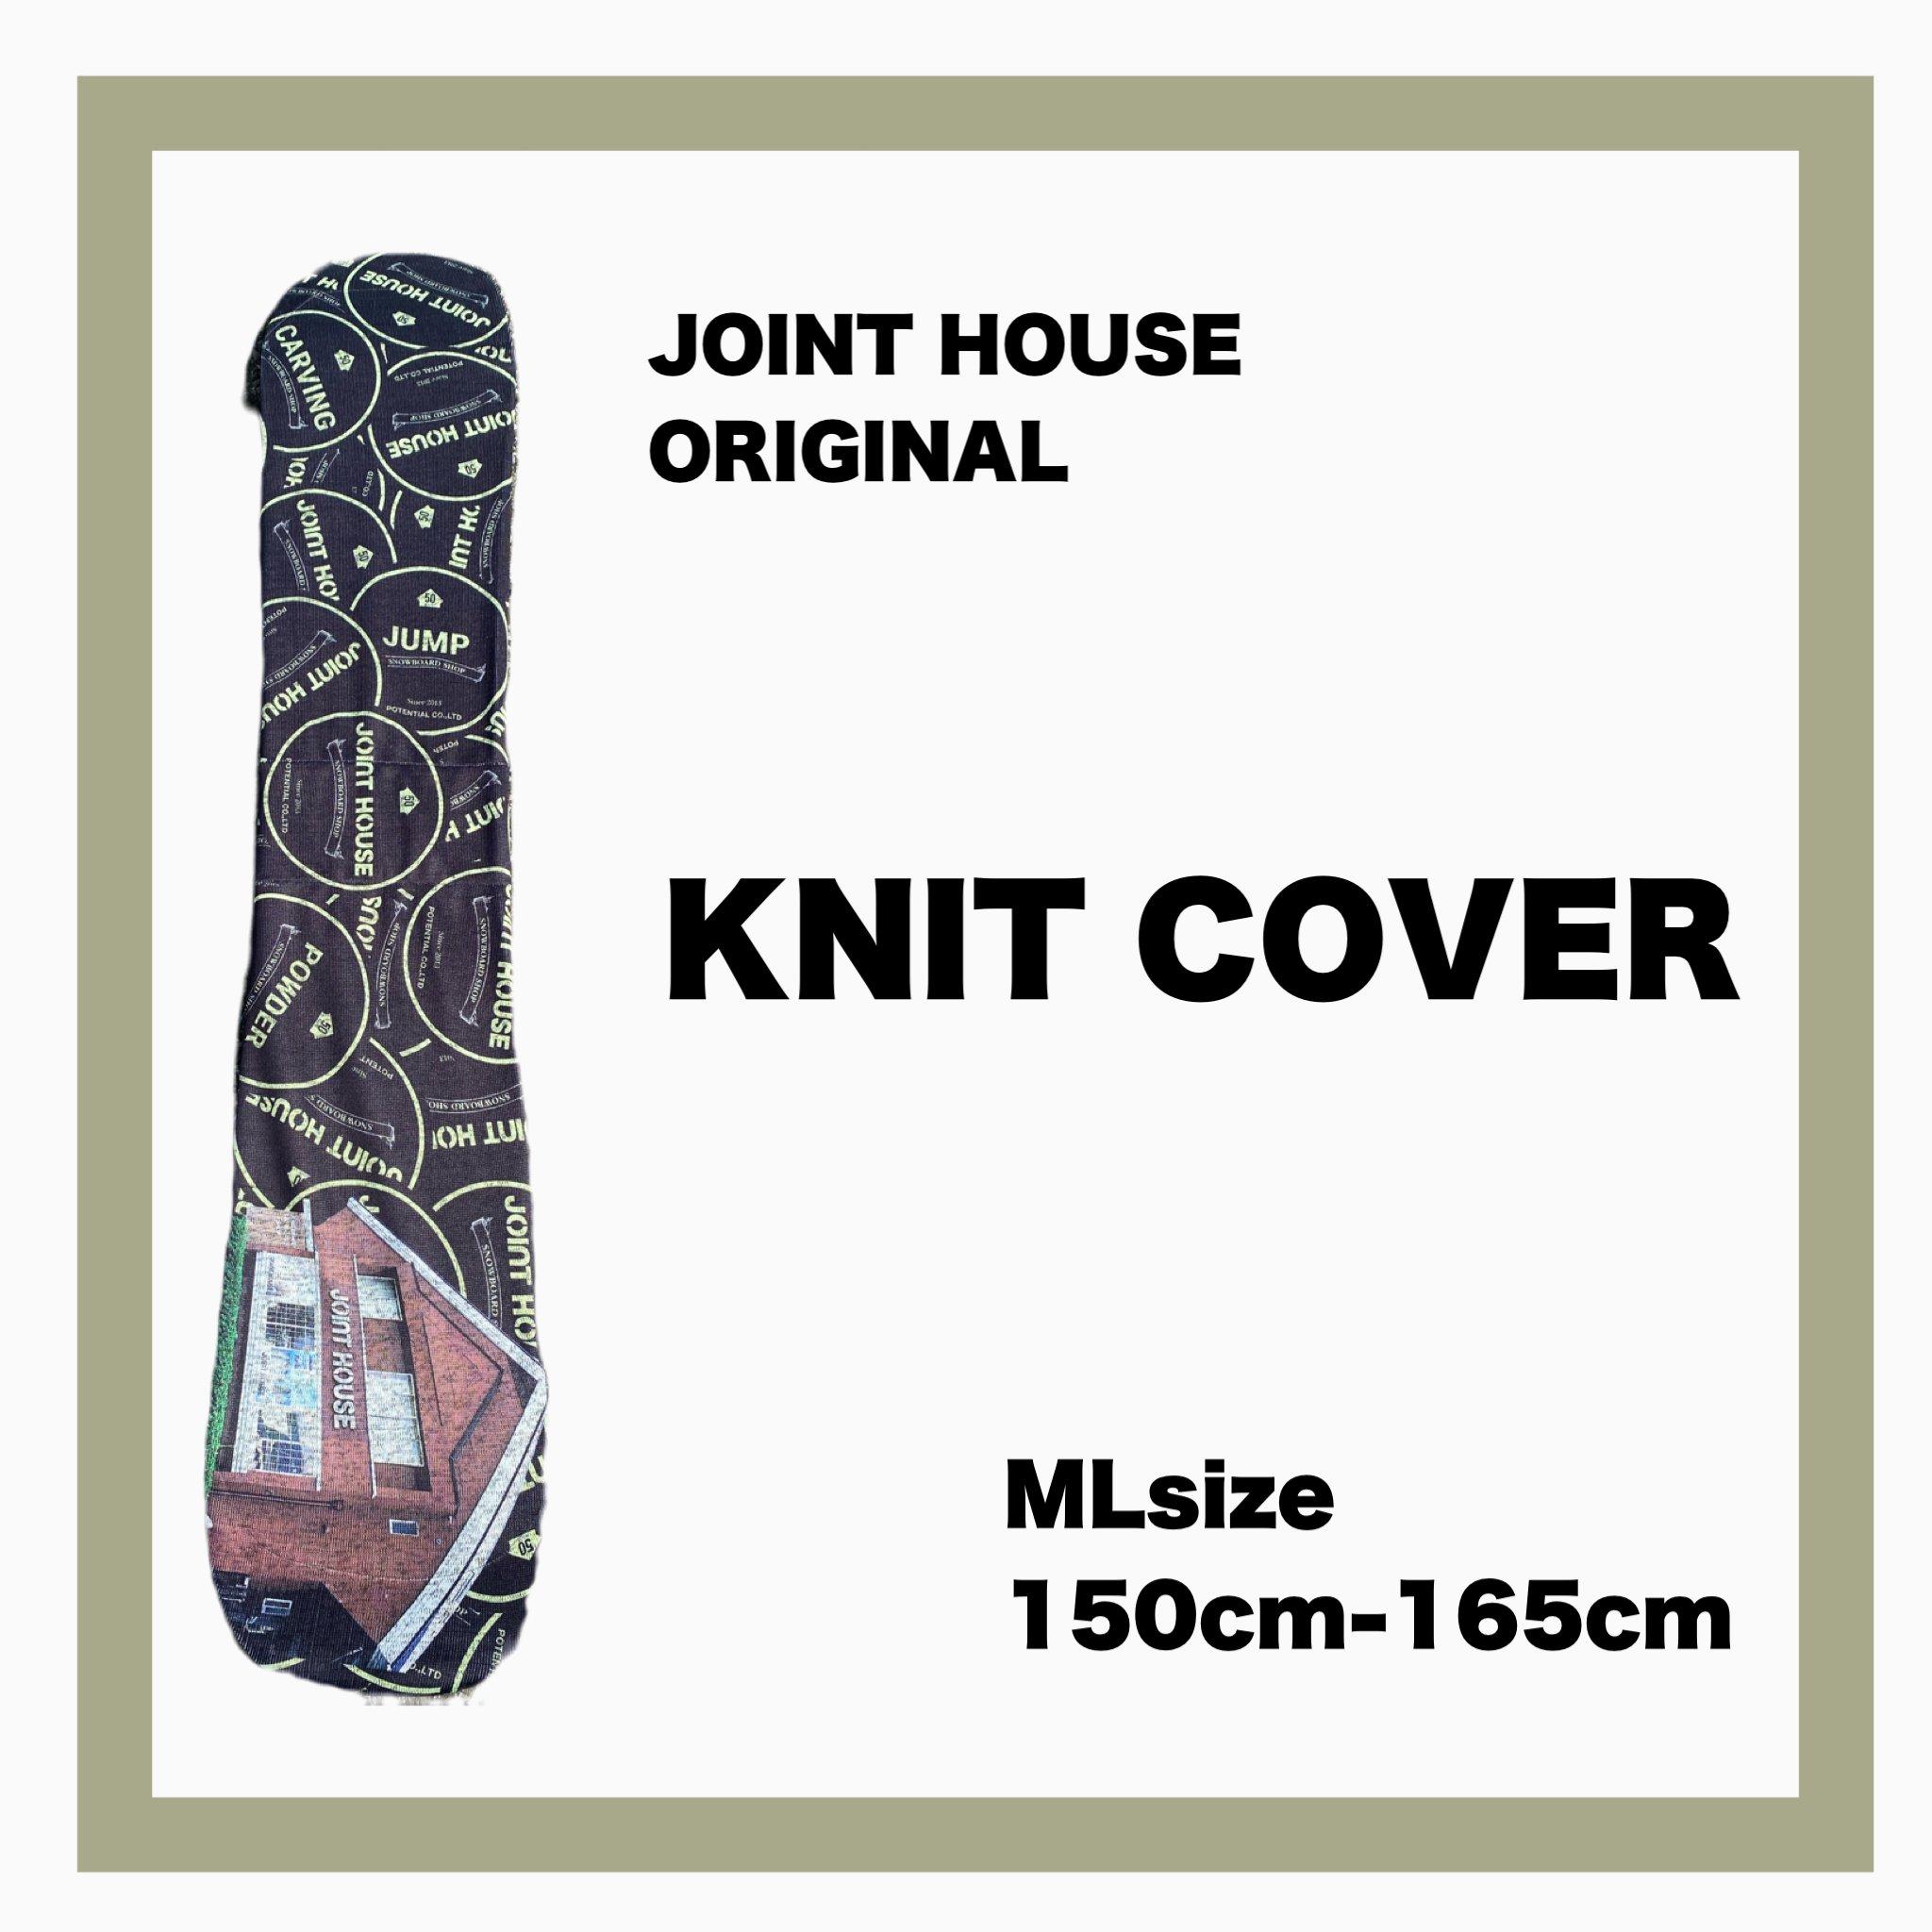 ソールガード【JOINT HOUSEL ORIGINAL】KNIT COVER